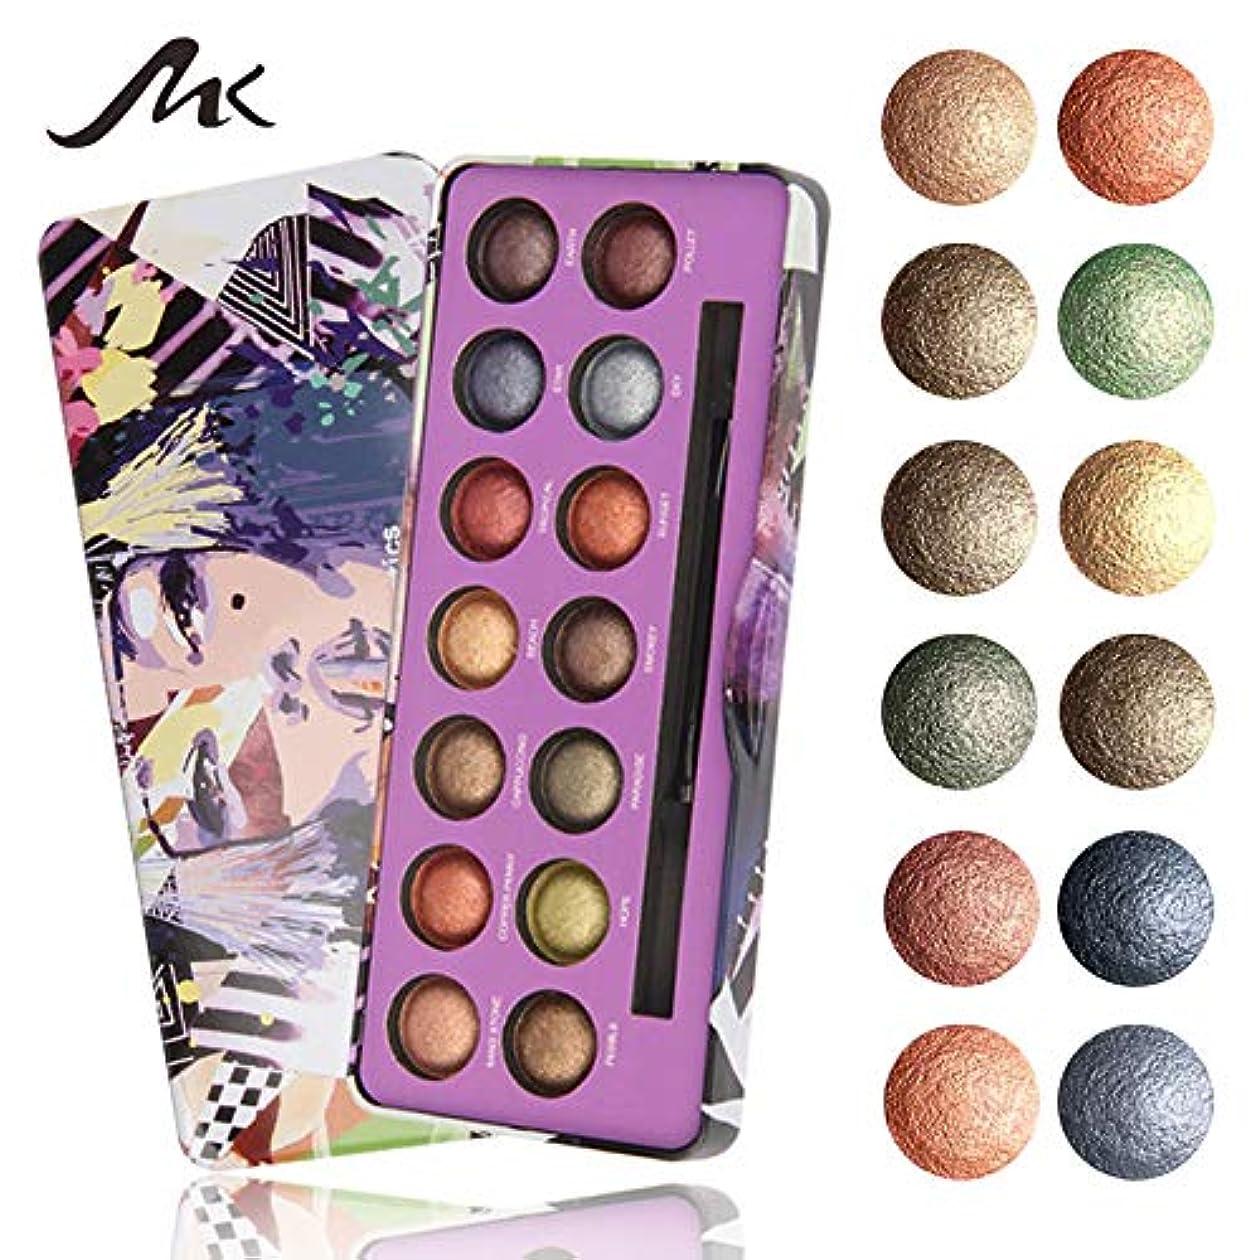 ピアノを弾く弱まる所属Akane アイシャドウパレット MK 綺麗 人気 気質的 真珠光沢 チャーム 魅力的 マット つや消し 長持ち ファッション 防水 おしゃれ 持ち便利 Eye Shadow (14色) 8293